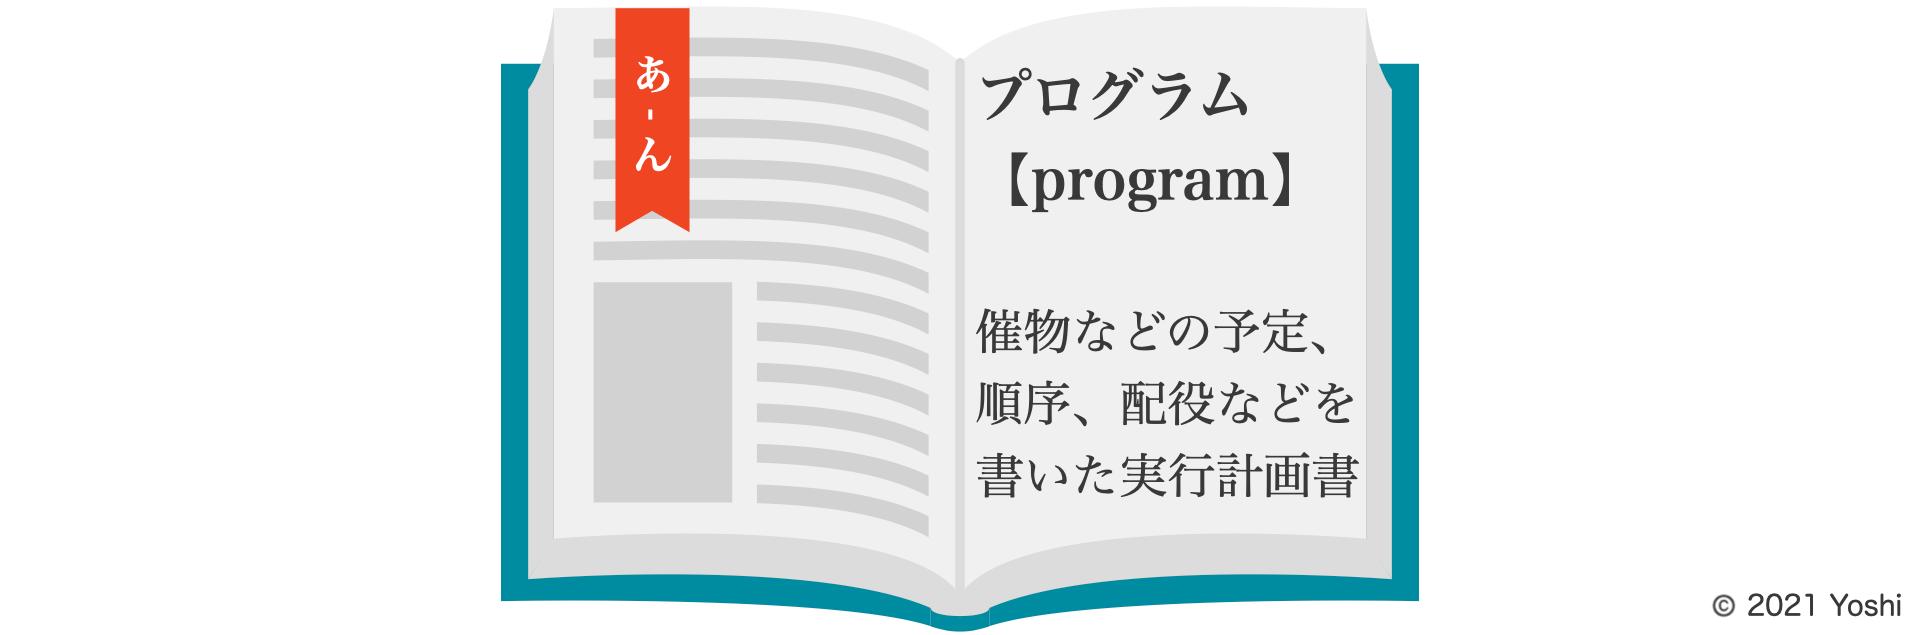 プログラムの意味